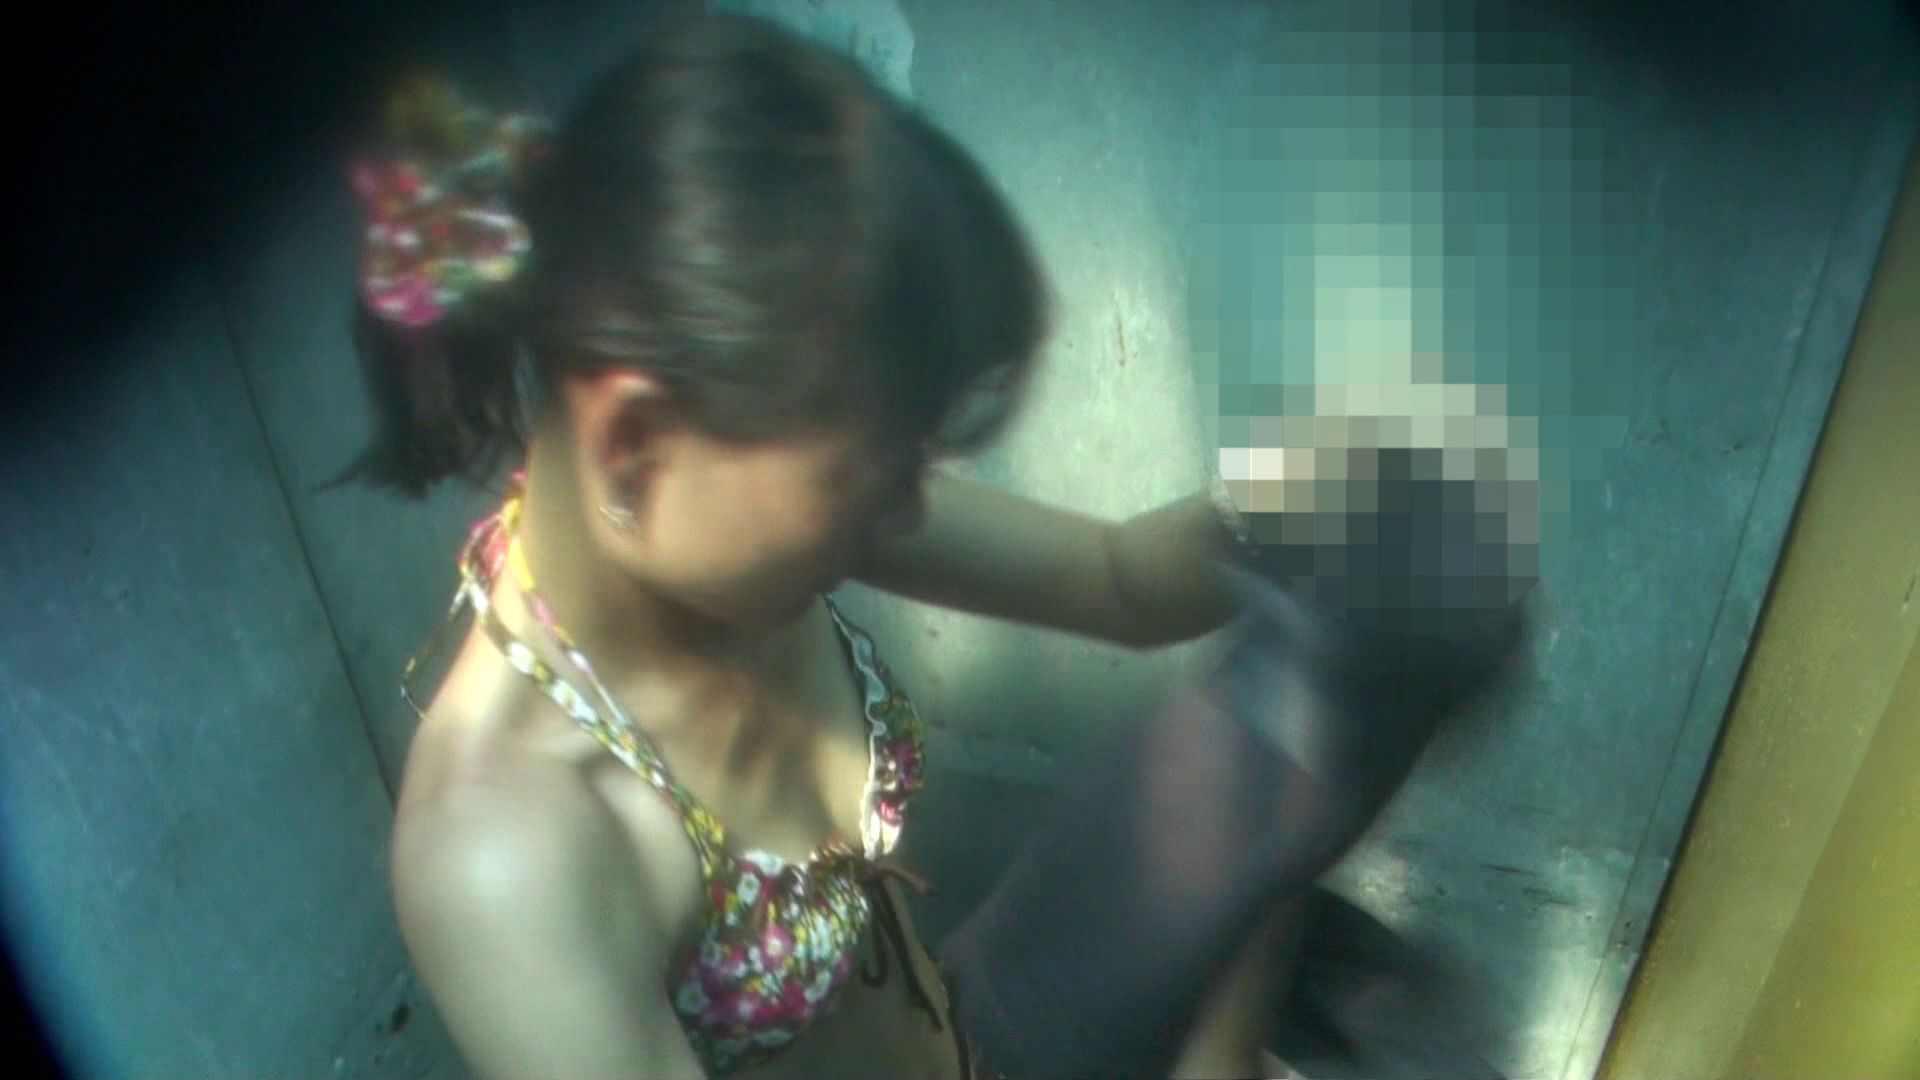 シャワールームは超!!危険な香りVol.16 意外に乳首は年増のそれ 乳首ポロリ | OLセックス  108画像 93